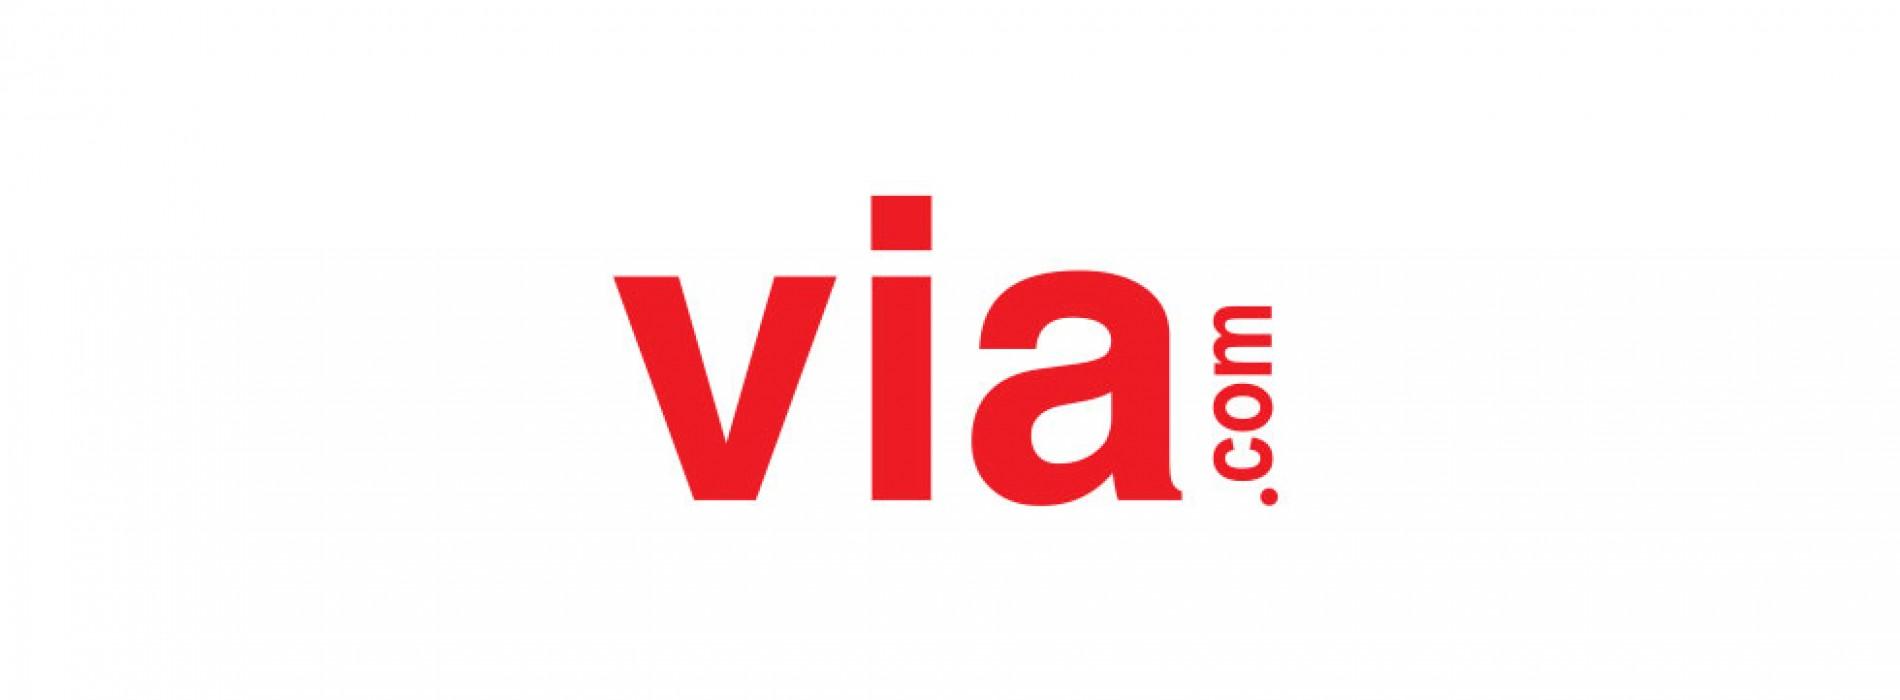 Via.com forays into domestic money transfers